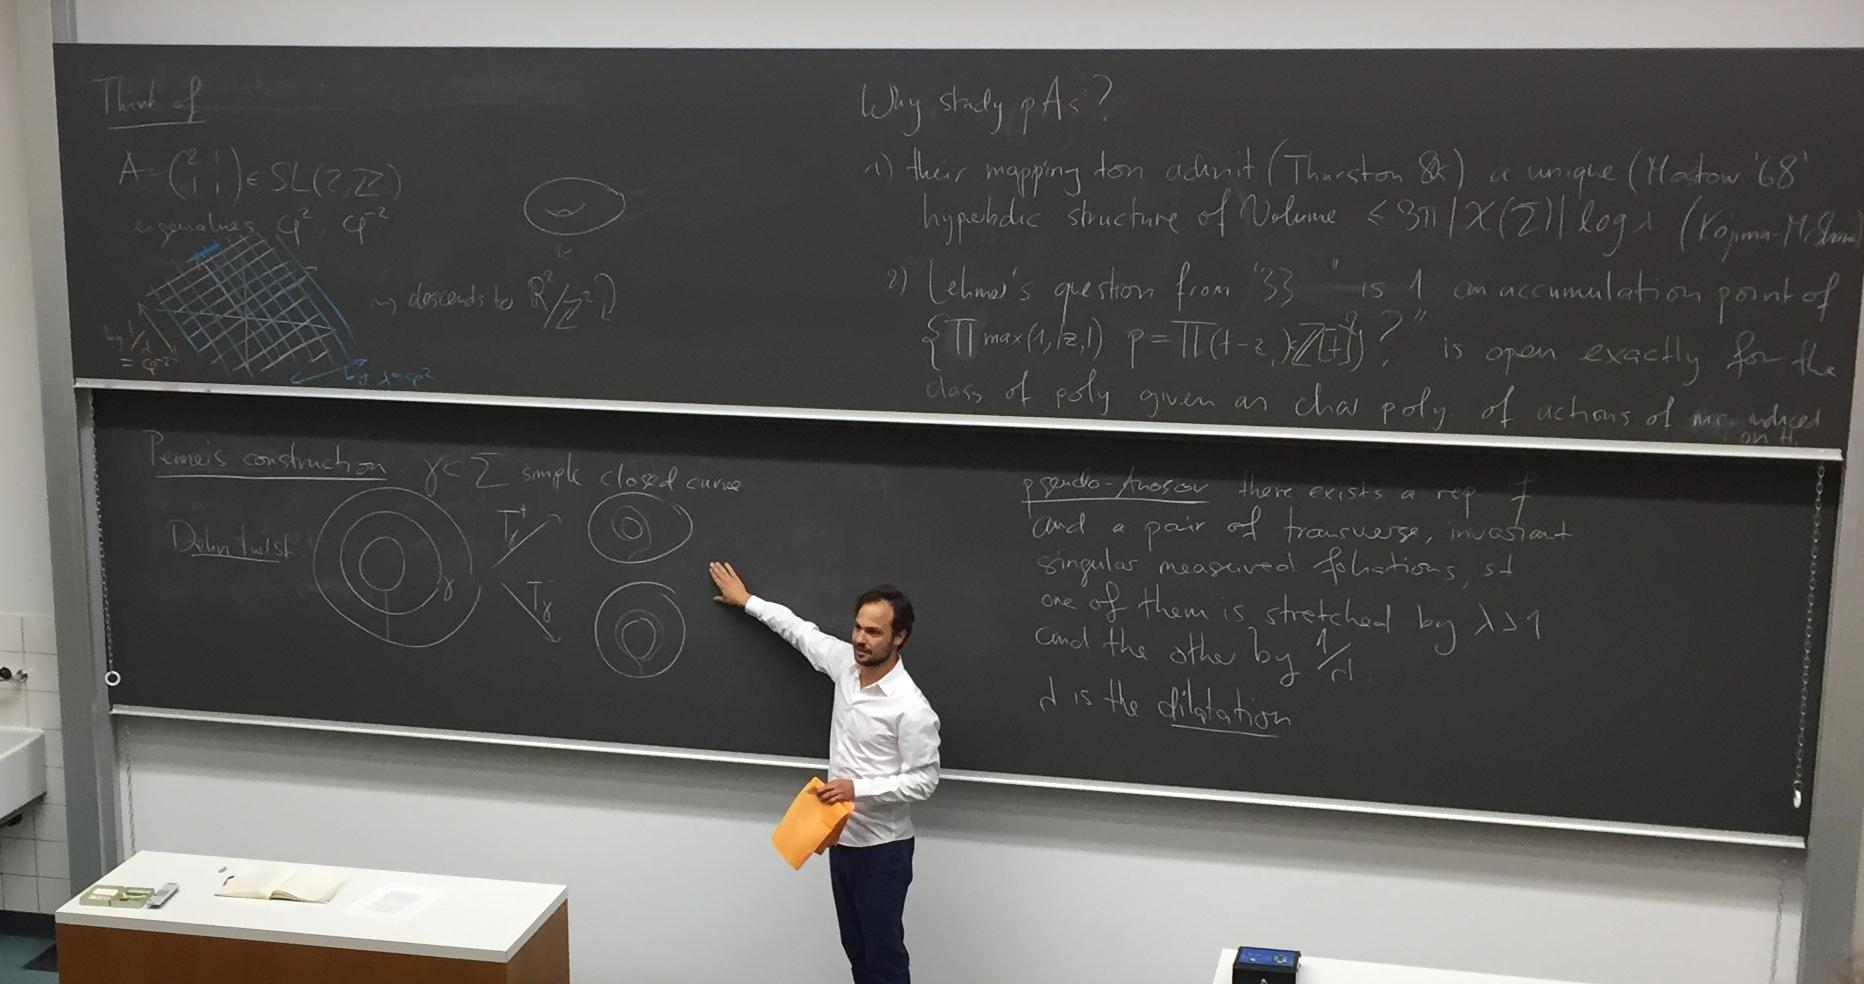 Ein jüngerer Herr in weissem Hemd steht vor einer grossen Wandtafel in einem Hörsaal. Er zeigt auf mathematische Formeln zu seiner Rechten. Links stehen ein paar englische Sätze.